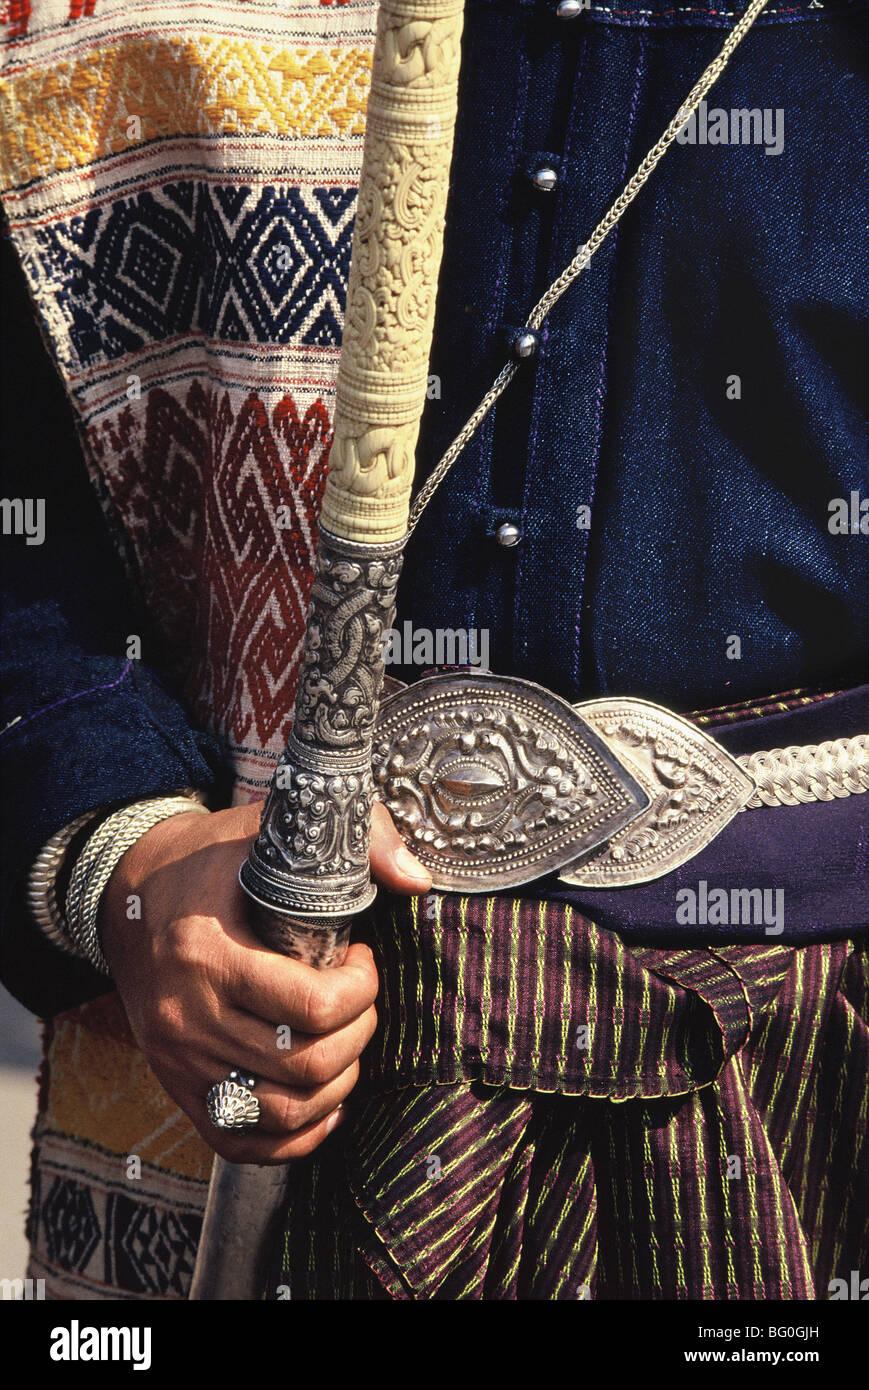 Argent Lanna Sword sur un homme patterend Tai Lu bandeau sur tenue de cérémonie, le nord de la Thaïlande, Photo Stock